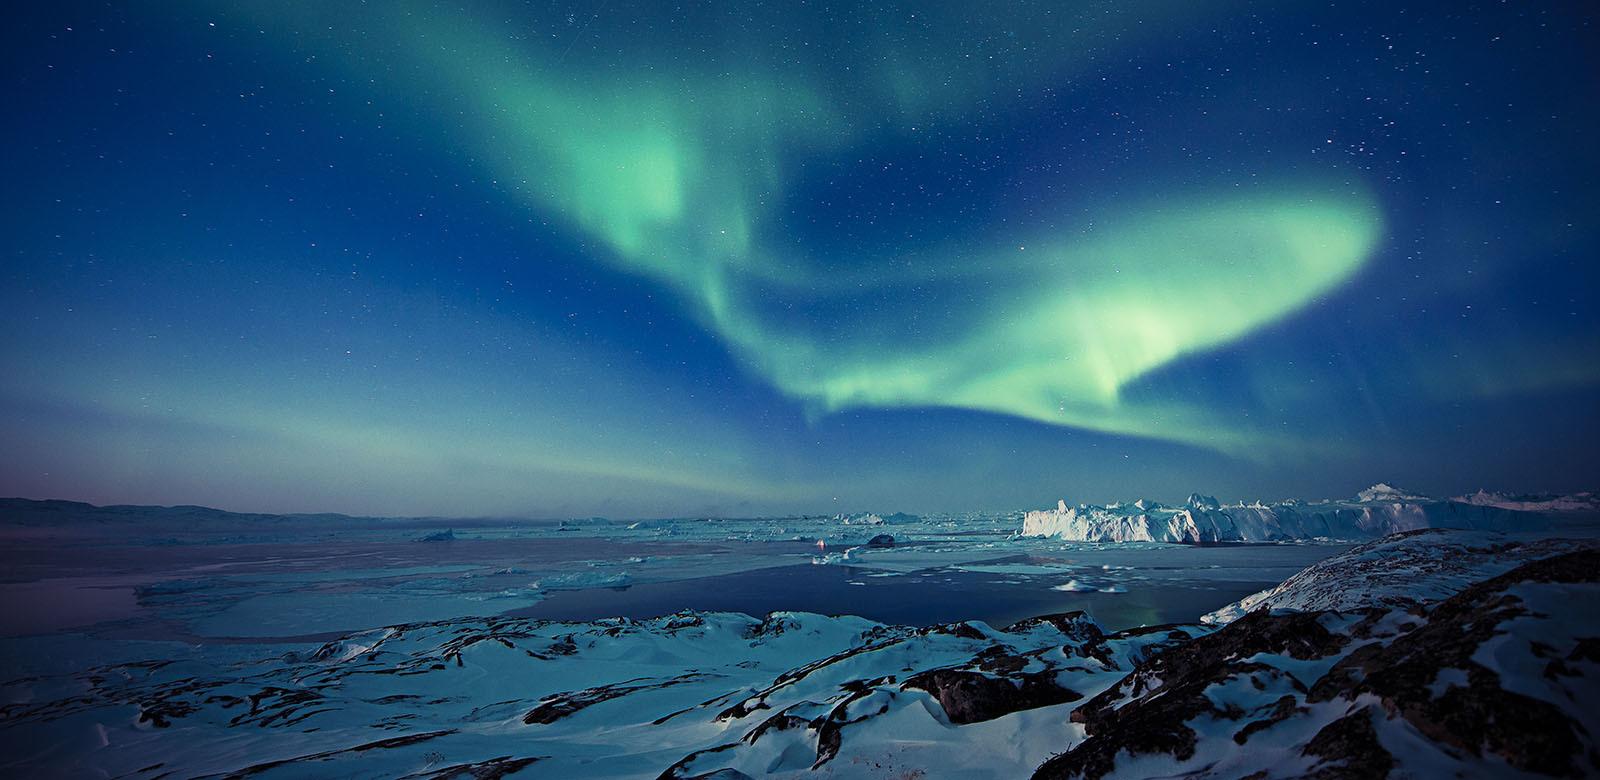 Sarkvidéki tavasz és az aranyló napfény Grönlandon